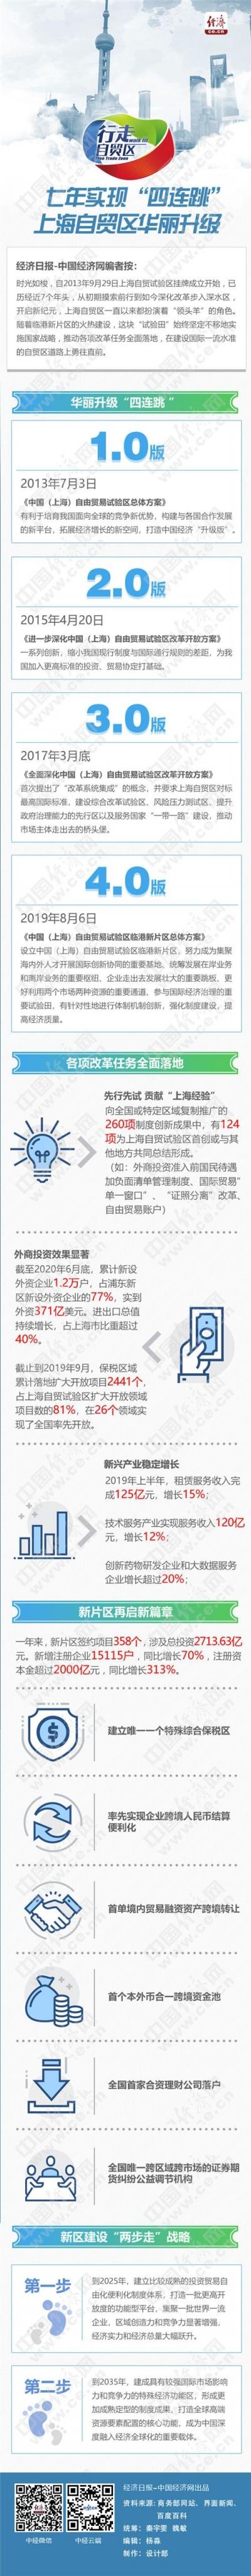 """【行走自贸区】七年实现""""四连跳"""" 上海自贸区华丽升级"""